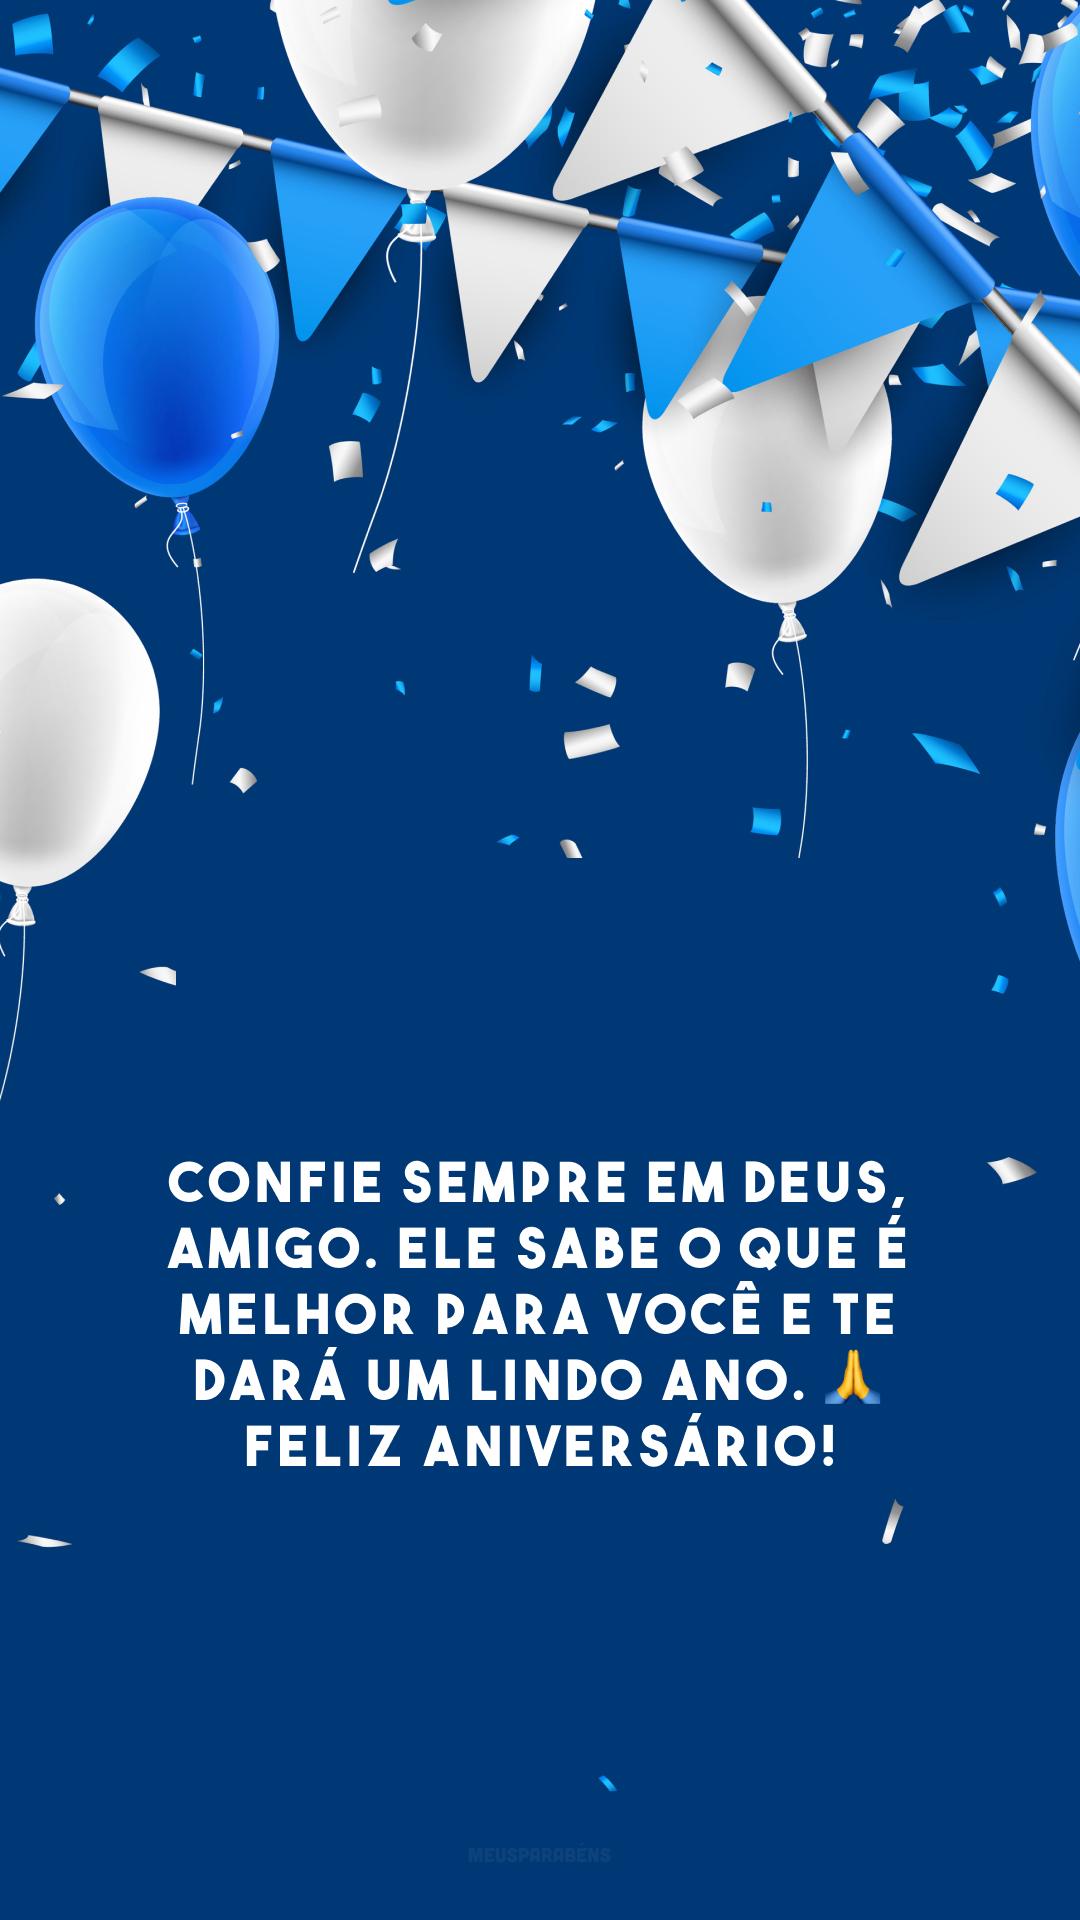 Confie sempre em Deus, amigo. Ele sabe o que é melhor para você e te dará um lindo ano. 🙏 Feliz aniversário!